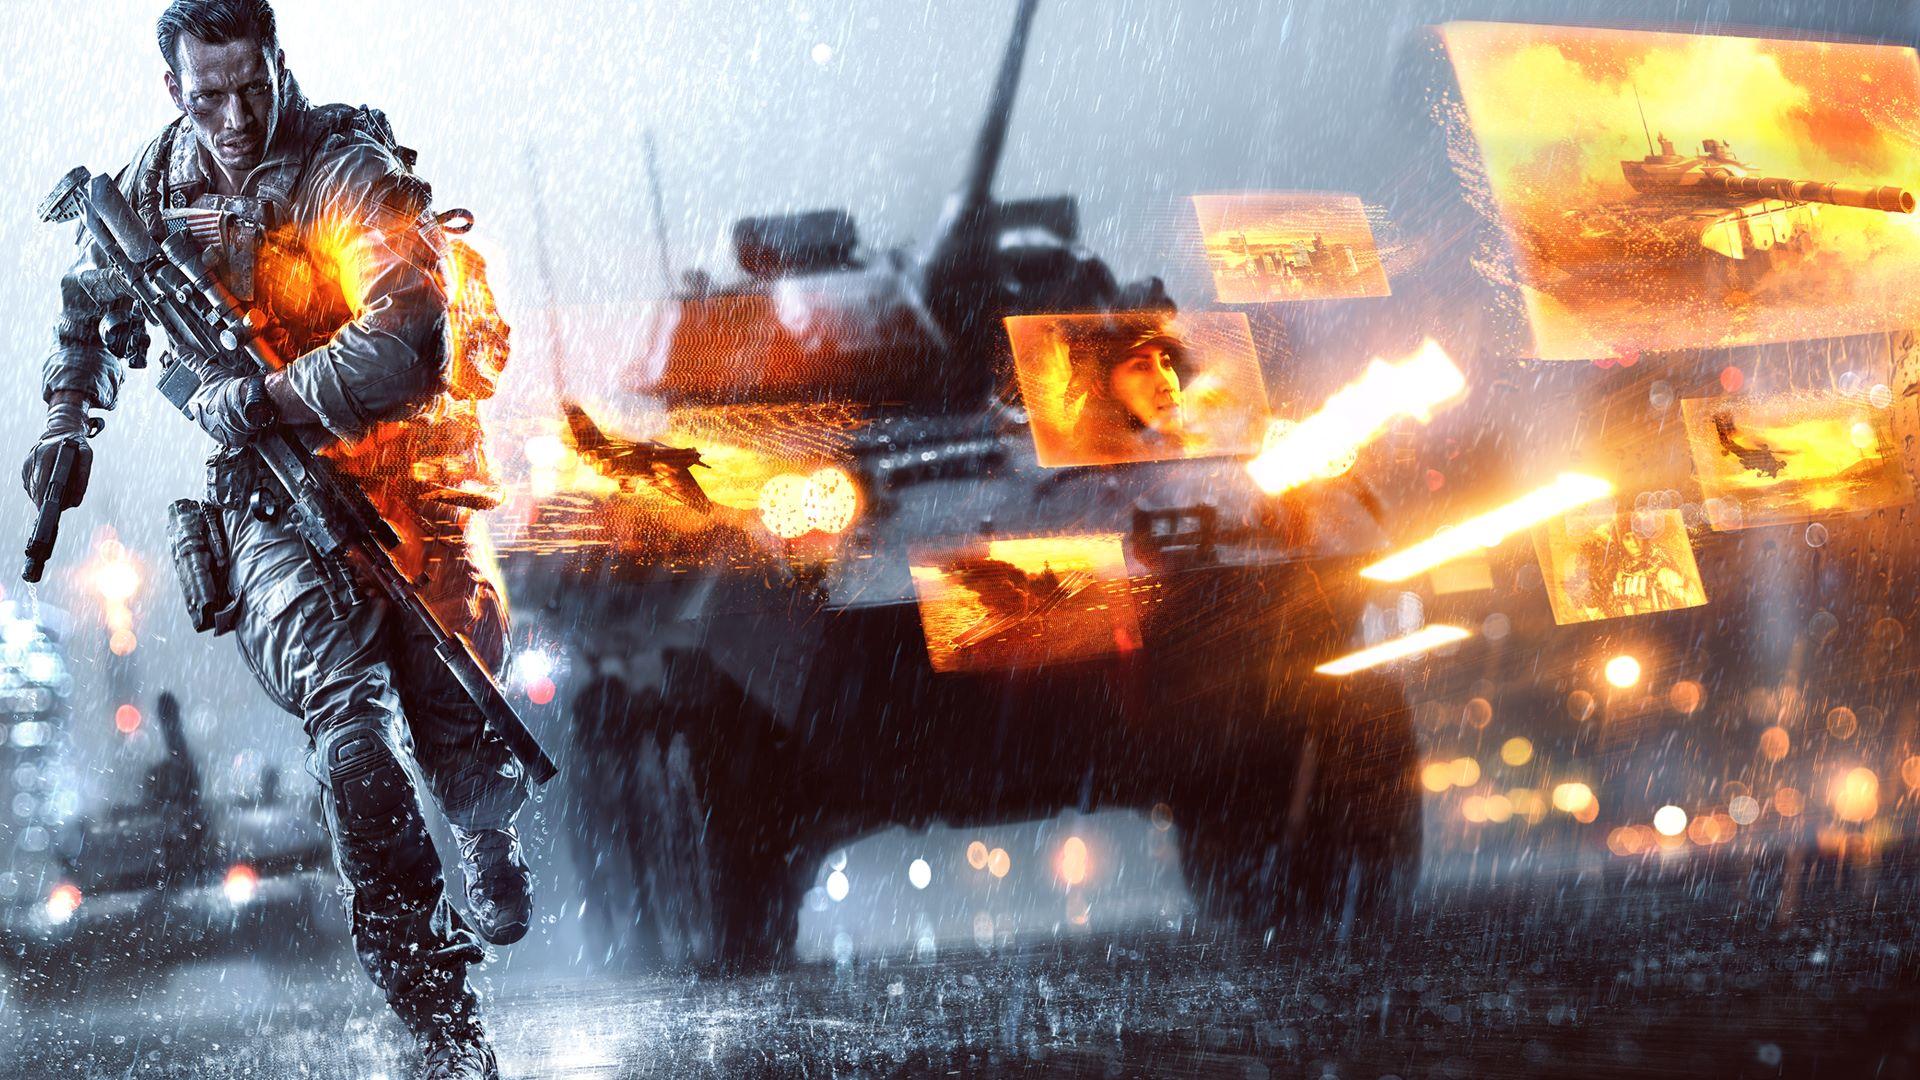 الاثارة والتشويق في لعبة Battlefield